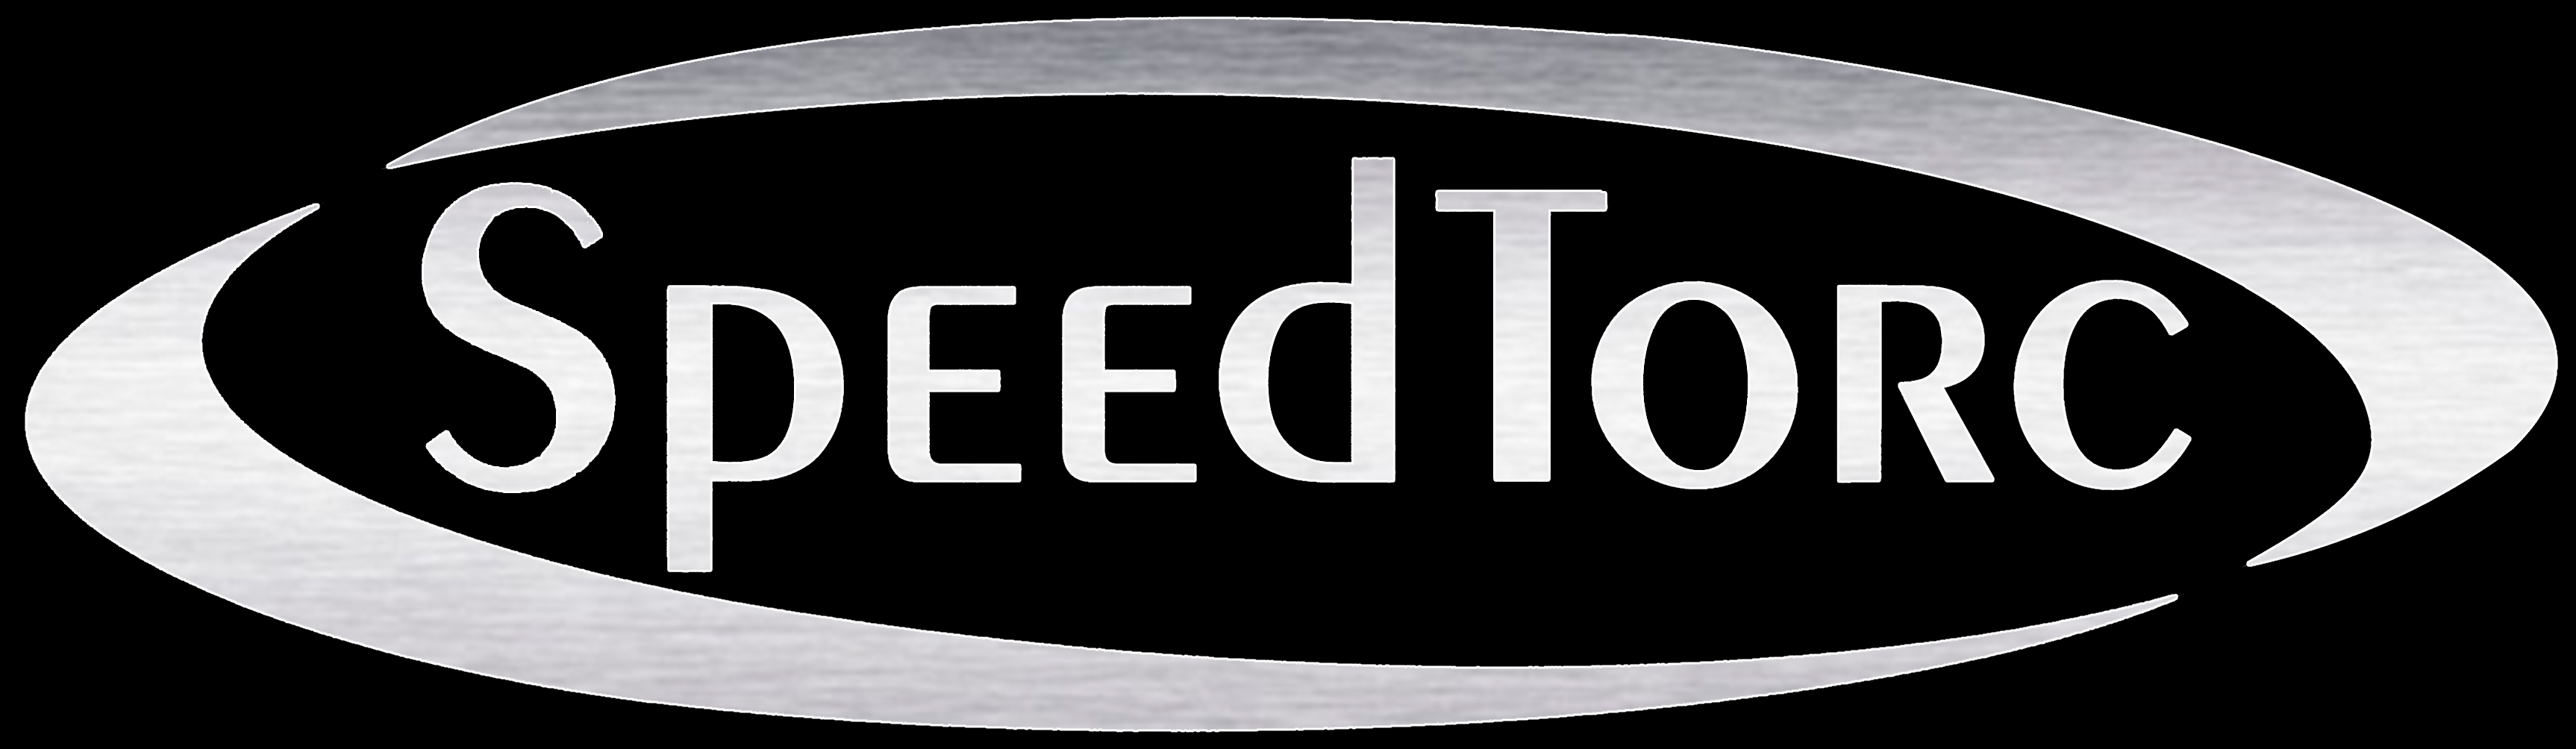 locação, prestação de serviços e torqueamento - Speed Torc